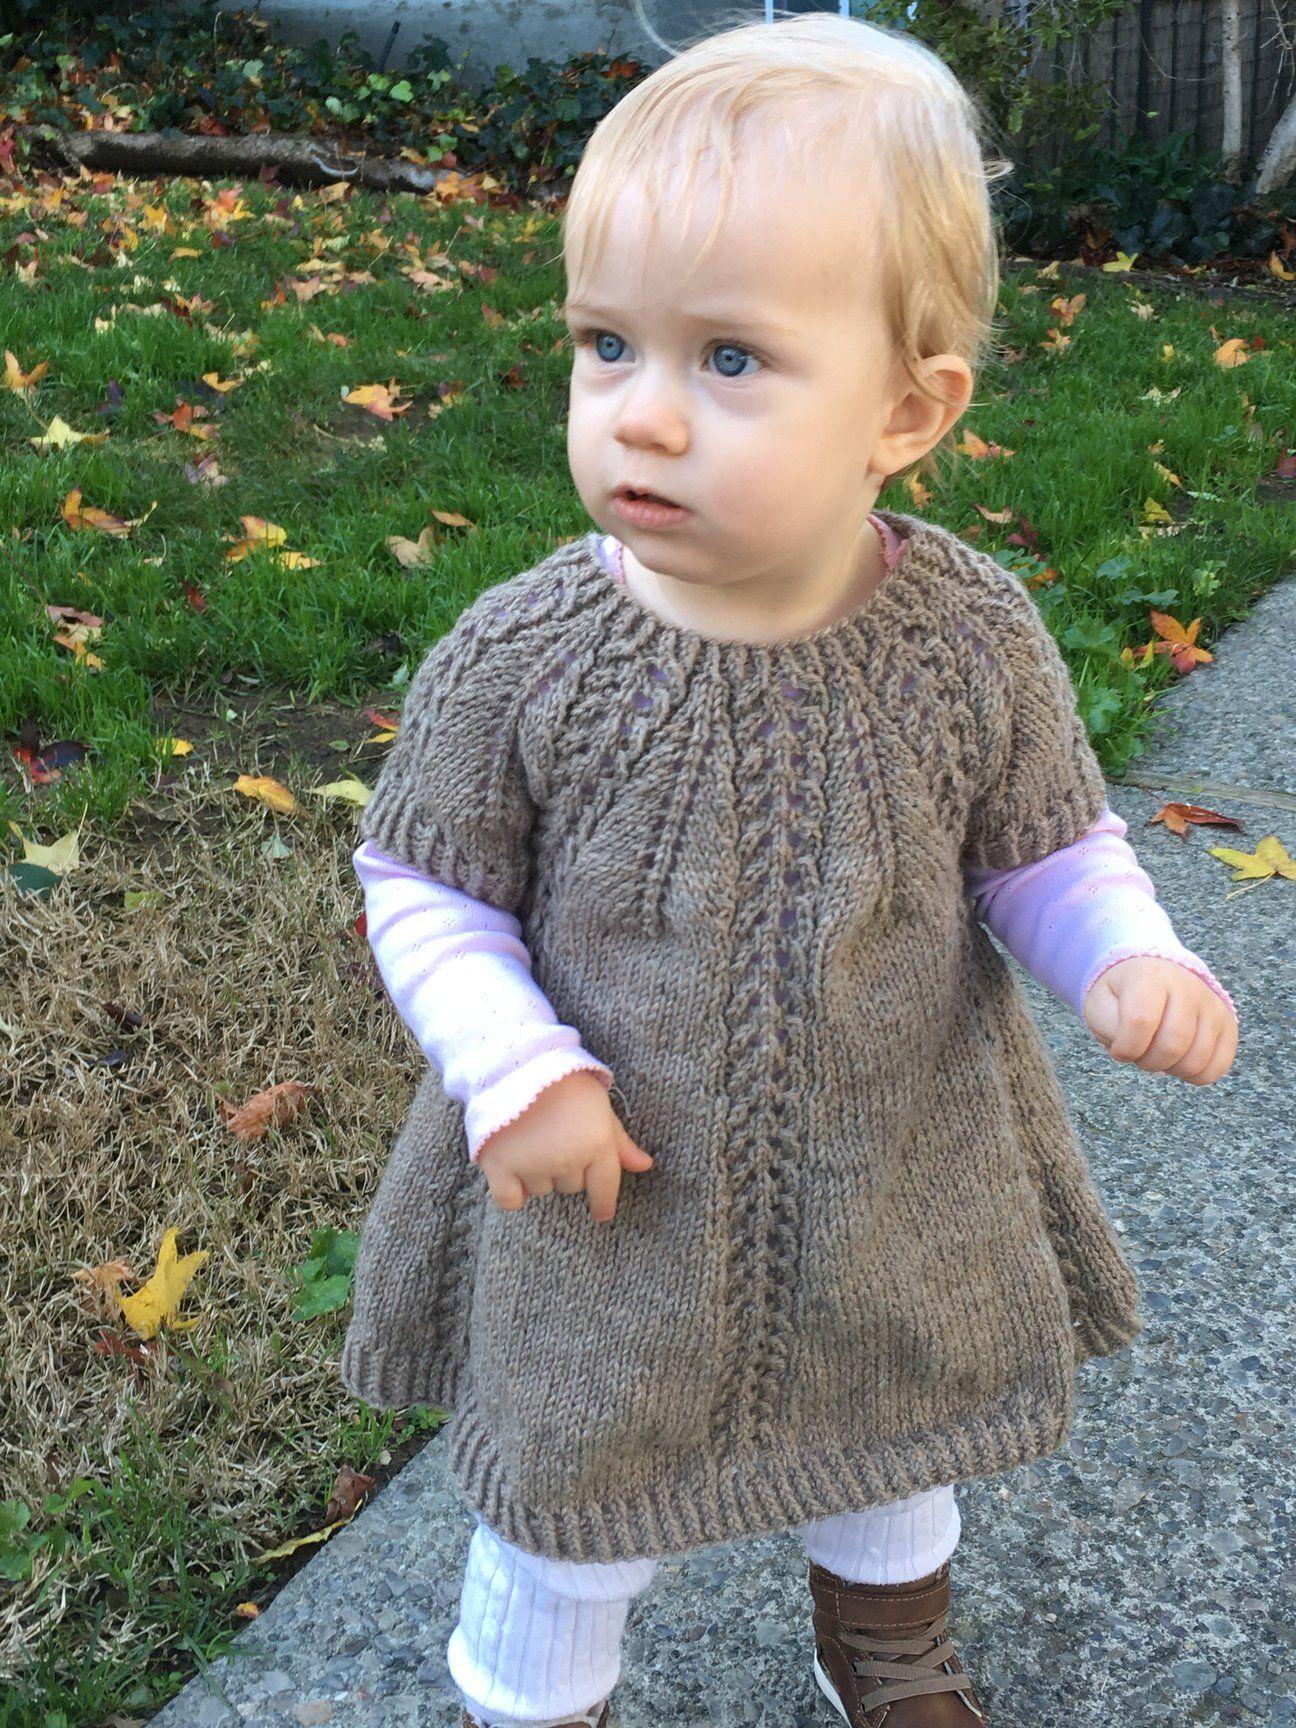 ec9caa276119 Seraphina Sweater og Kjole strikkes ovenfra og ned med rundt bærestykke.  Bærestykket dannes ved